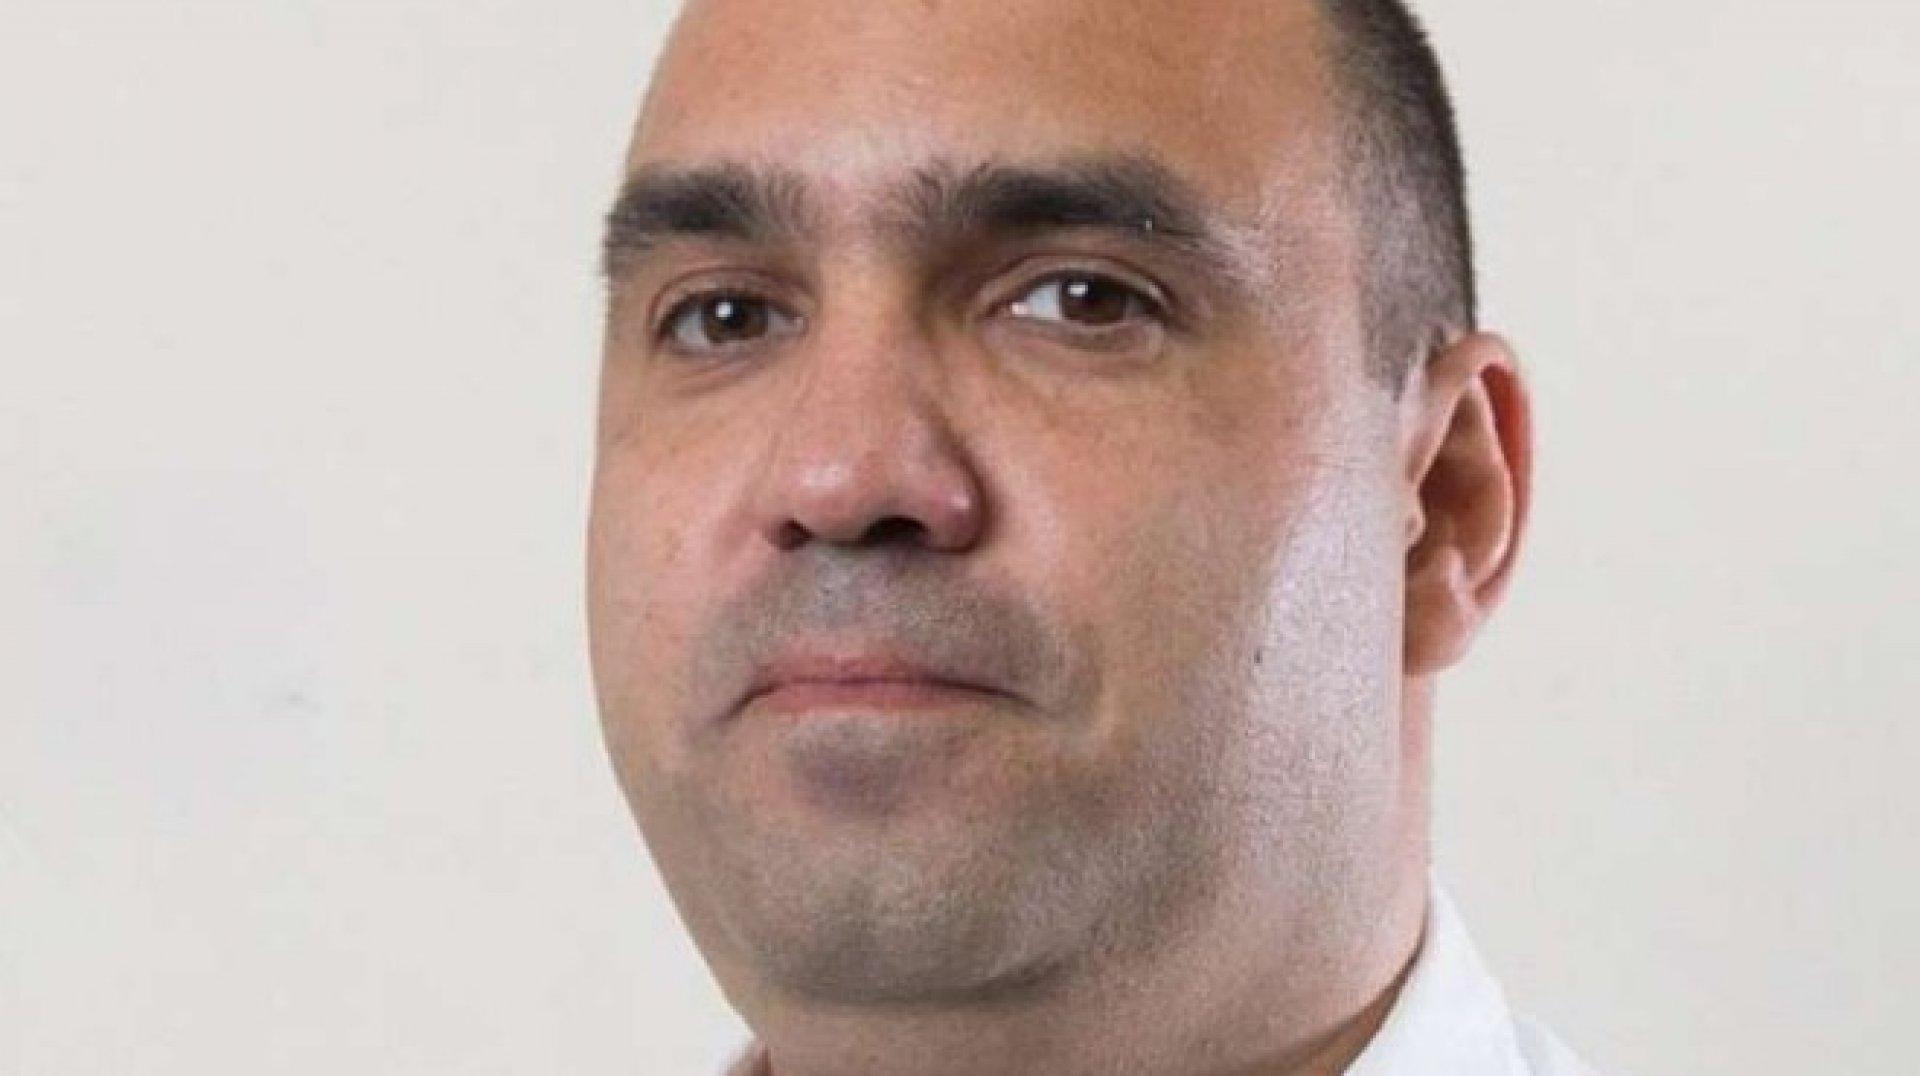 Прокурорът обясни, че срещу Янков има три обвинения - за